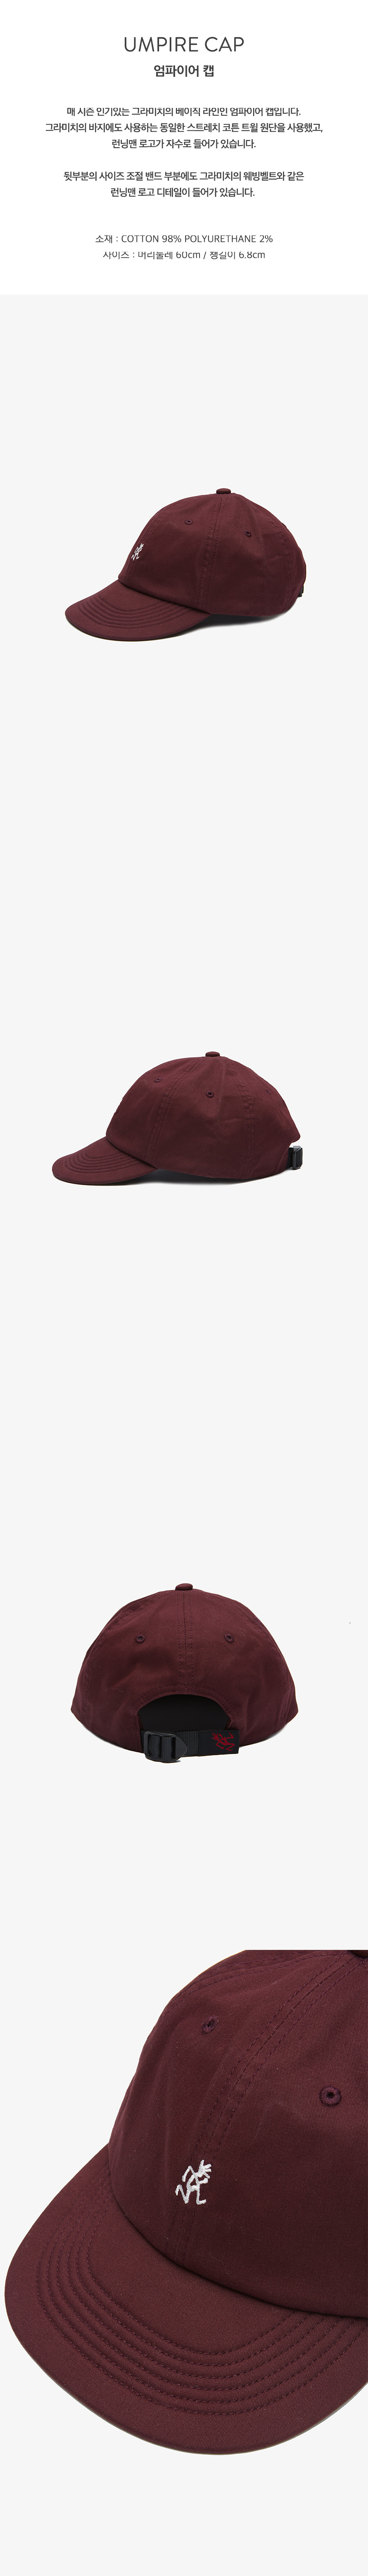 그라미치(GRAMICCI) UMPIRE CAP RAISIN